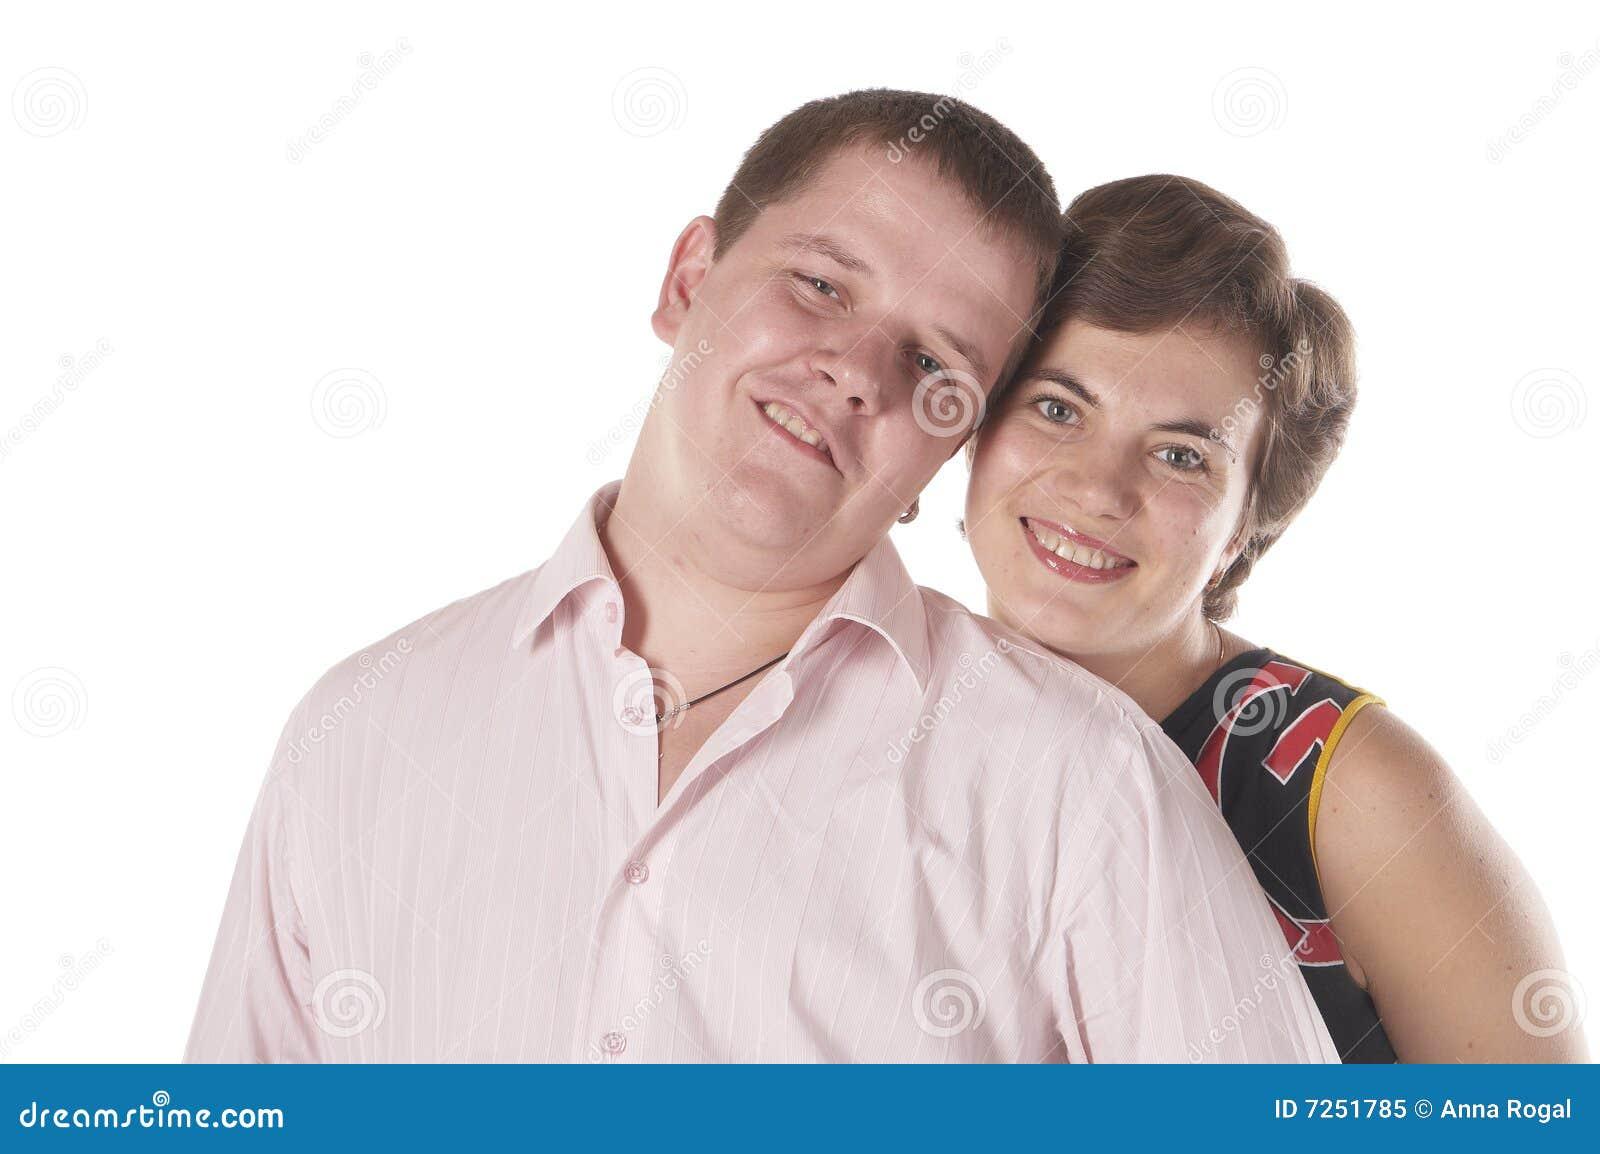 Glückliche lächelnde Jugend und Mädchen.